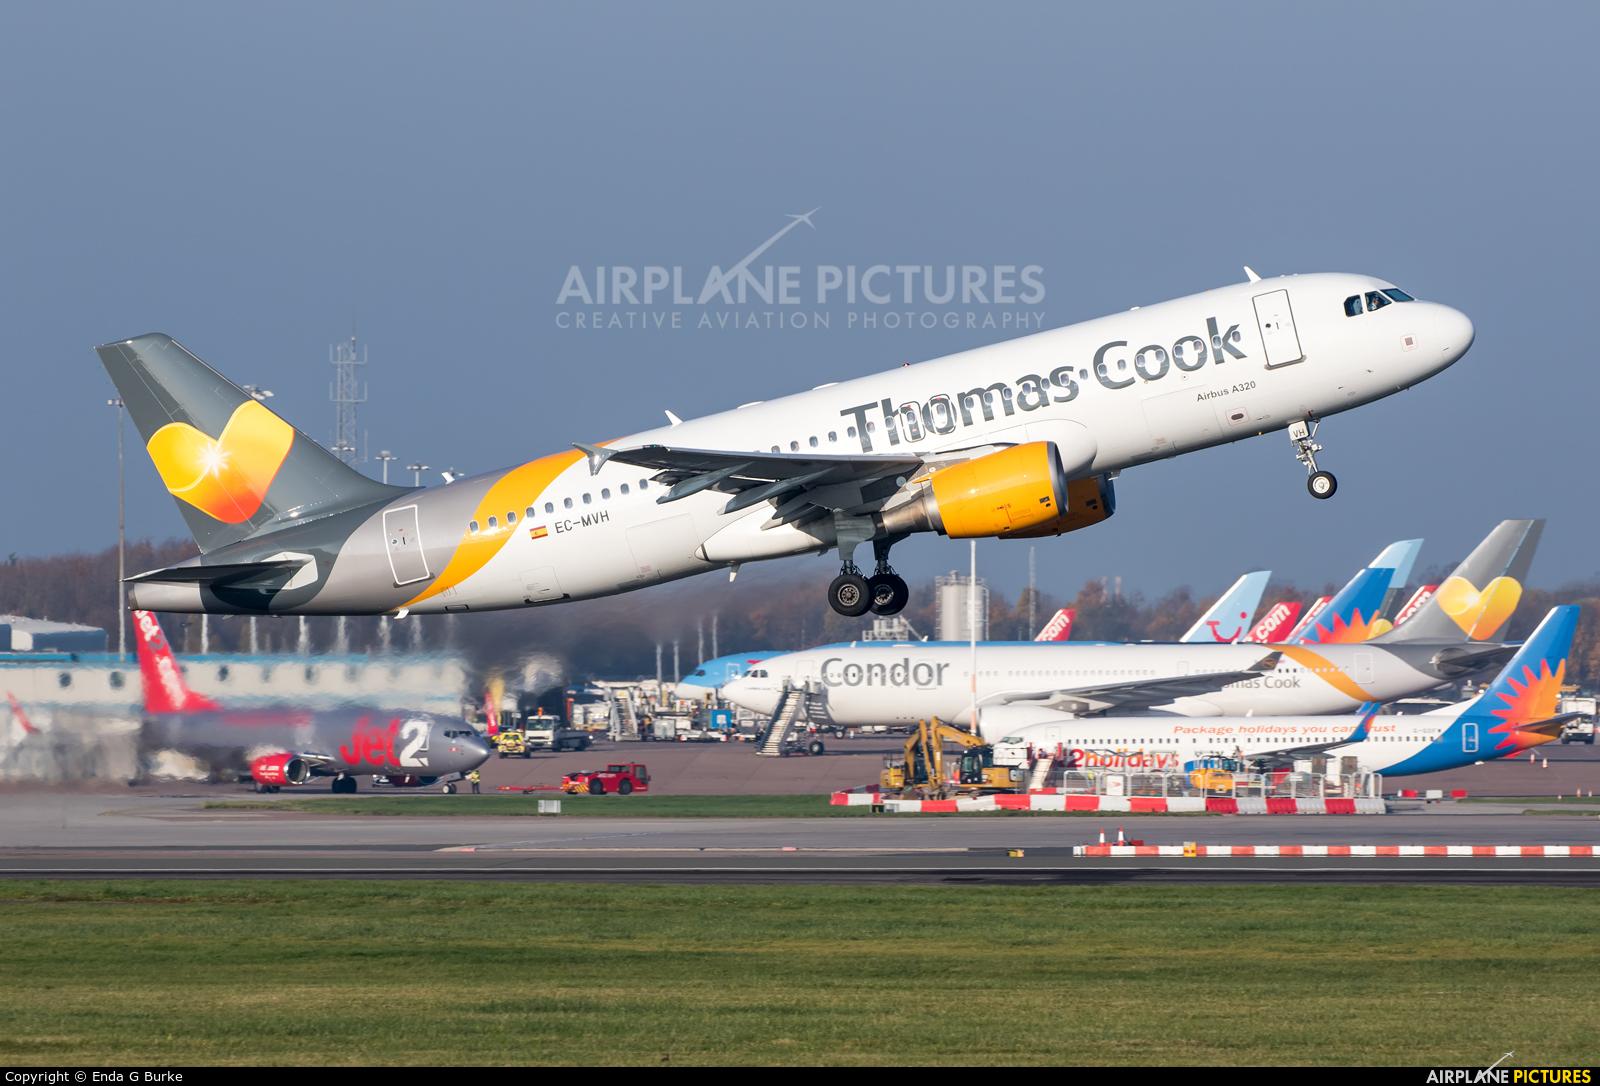 Thomas Cook Balearics EC-MVH aircraft at Manchester